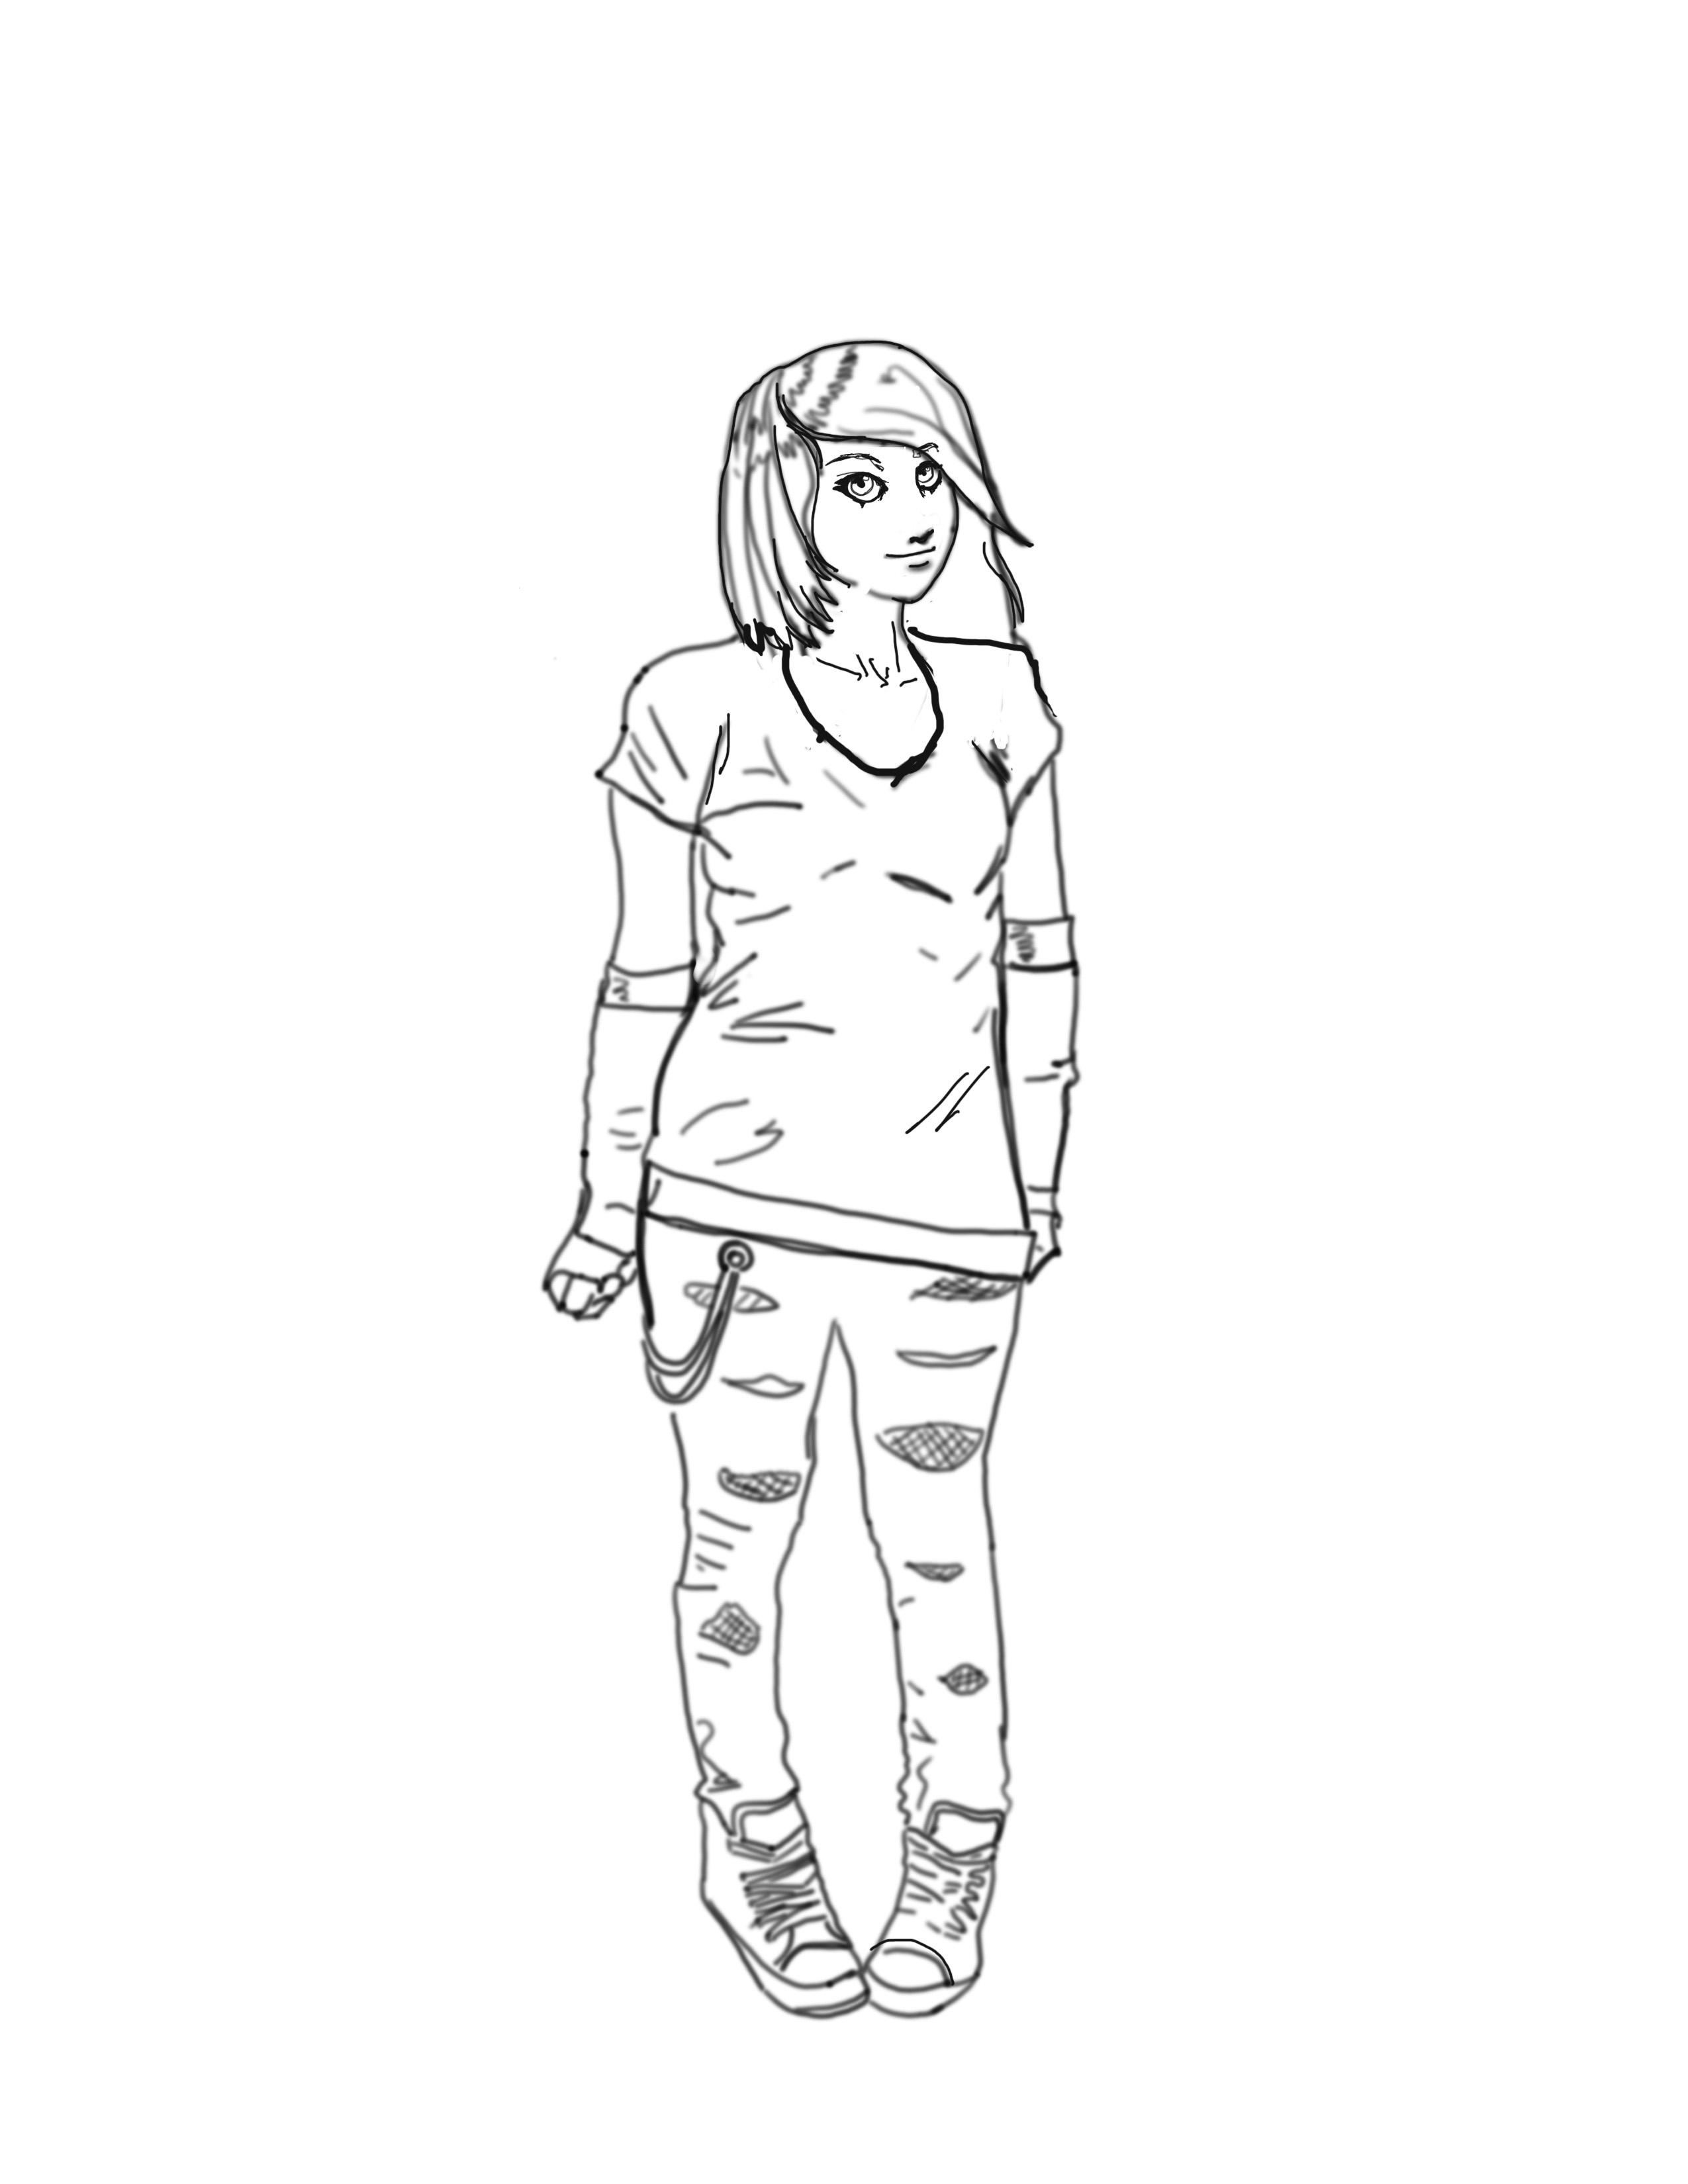 crayonné d'une jeune fille emo un peu ronde ^^